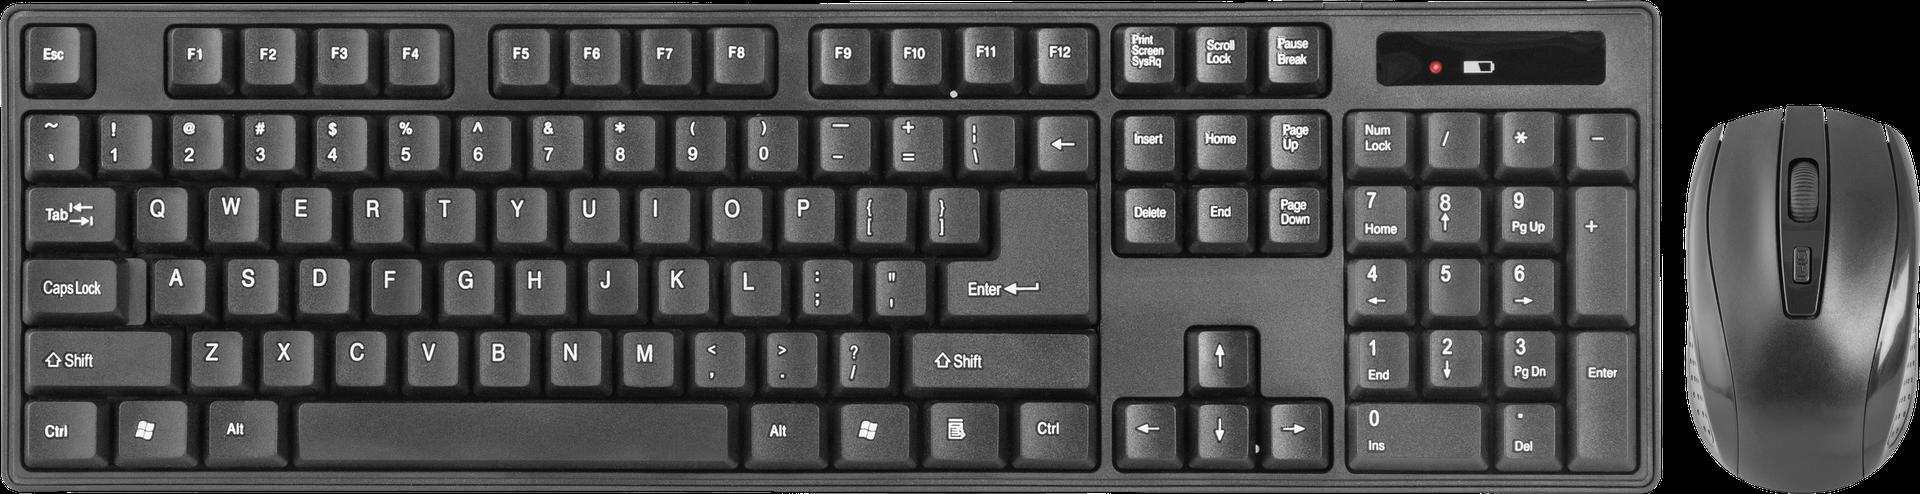 Клавиатура и мышь Defender C-915 RU Black USBНаборы клавиатура + мышь<br><br><br>Тип: клавиатура и мышь<br>Назначение: настольный компьютер<br>Тип беспроводной связи: радиоканал<br>Радиус действия беспроводной связи, м: 10<br>Интерфейс подключения: USB<br>Трекбол: нет<br>Конструкция: классическая<br>Цифровой блок: есть<br>Тип клавиатуры: мембранная<br>Беспроводная связь: есть